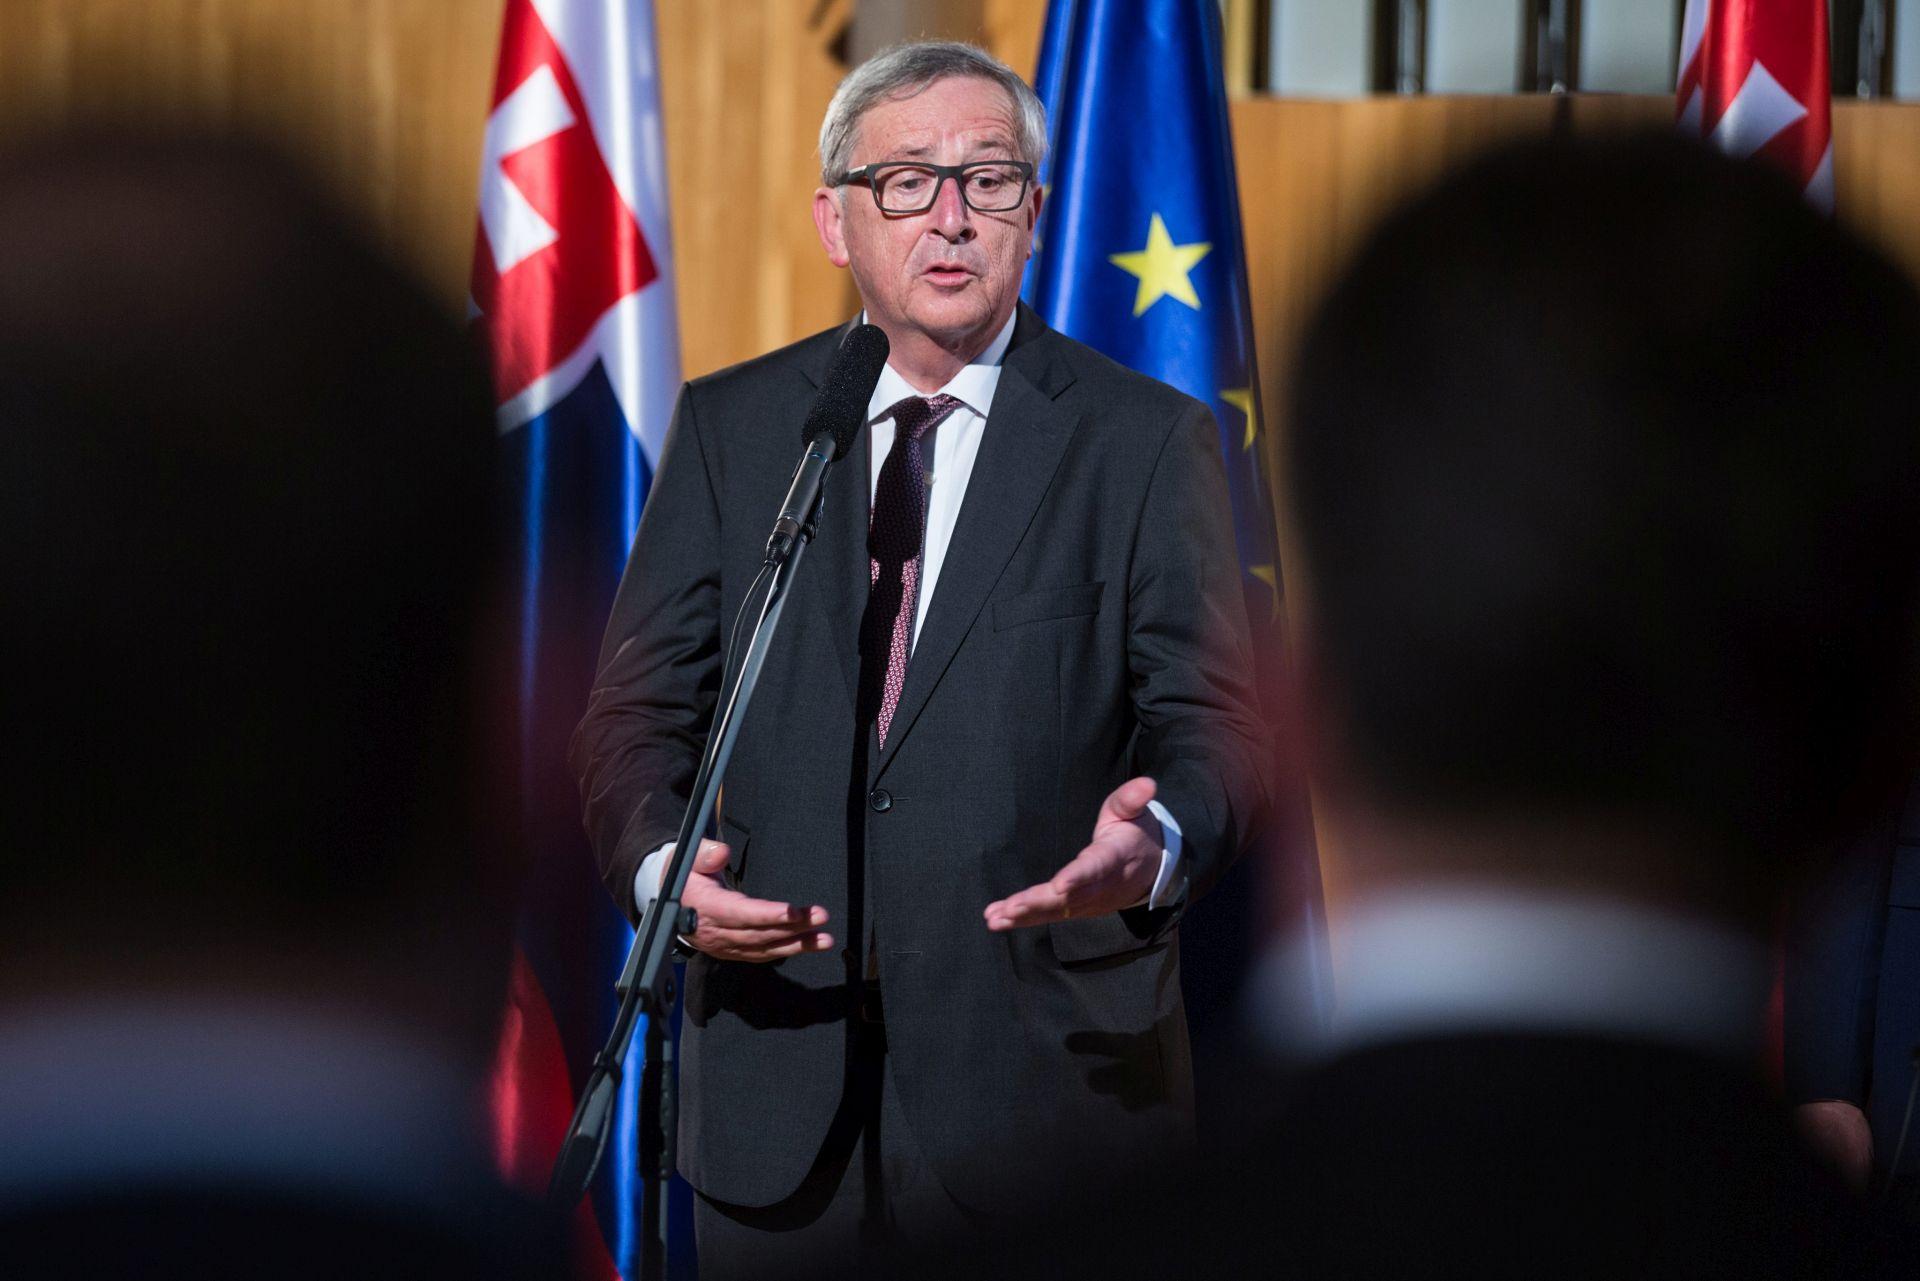 ZBOG NOVOG POSLA: Barroso kritizira diskriminacijske mjere EU